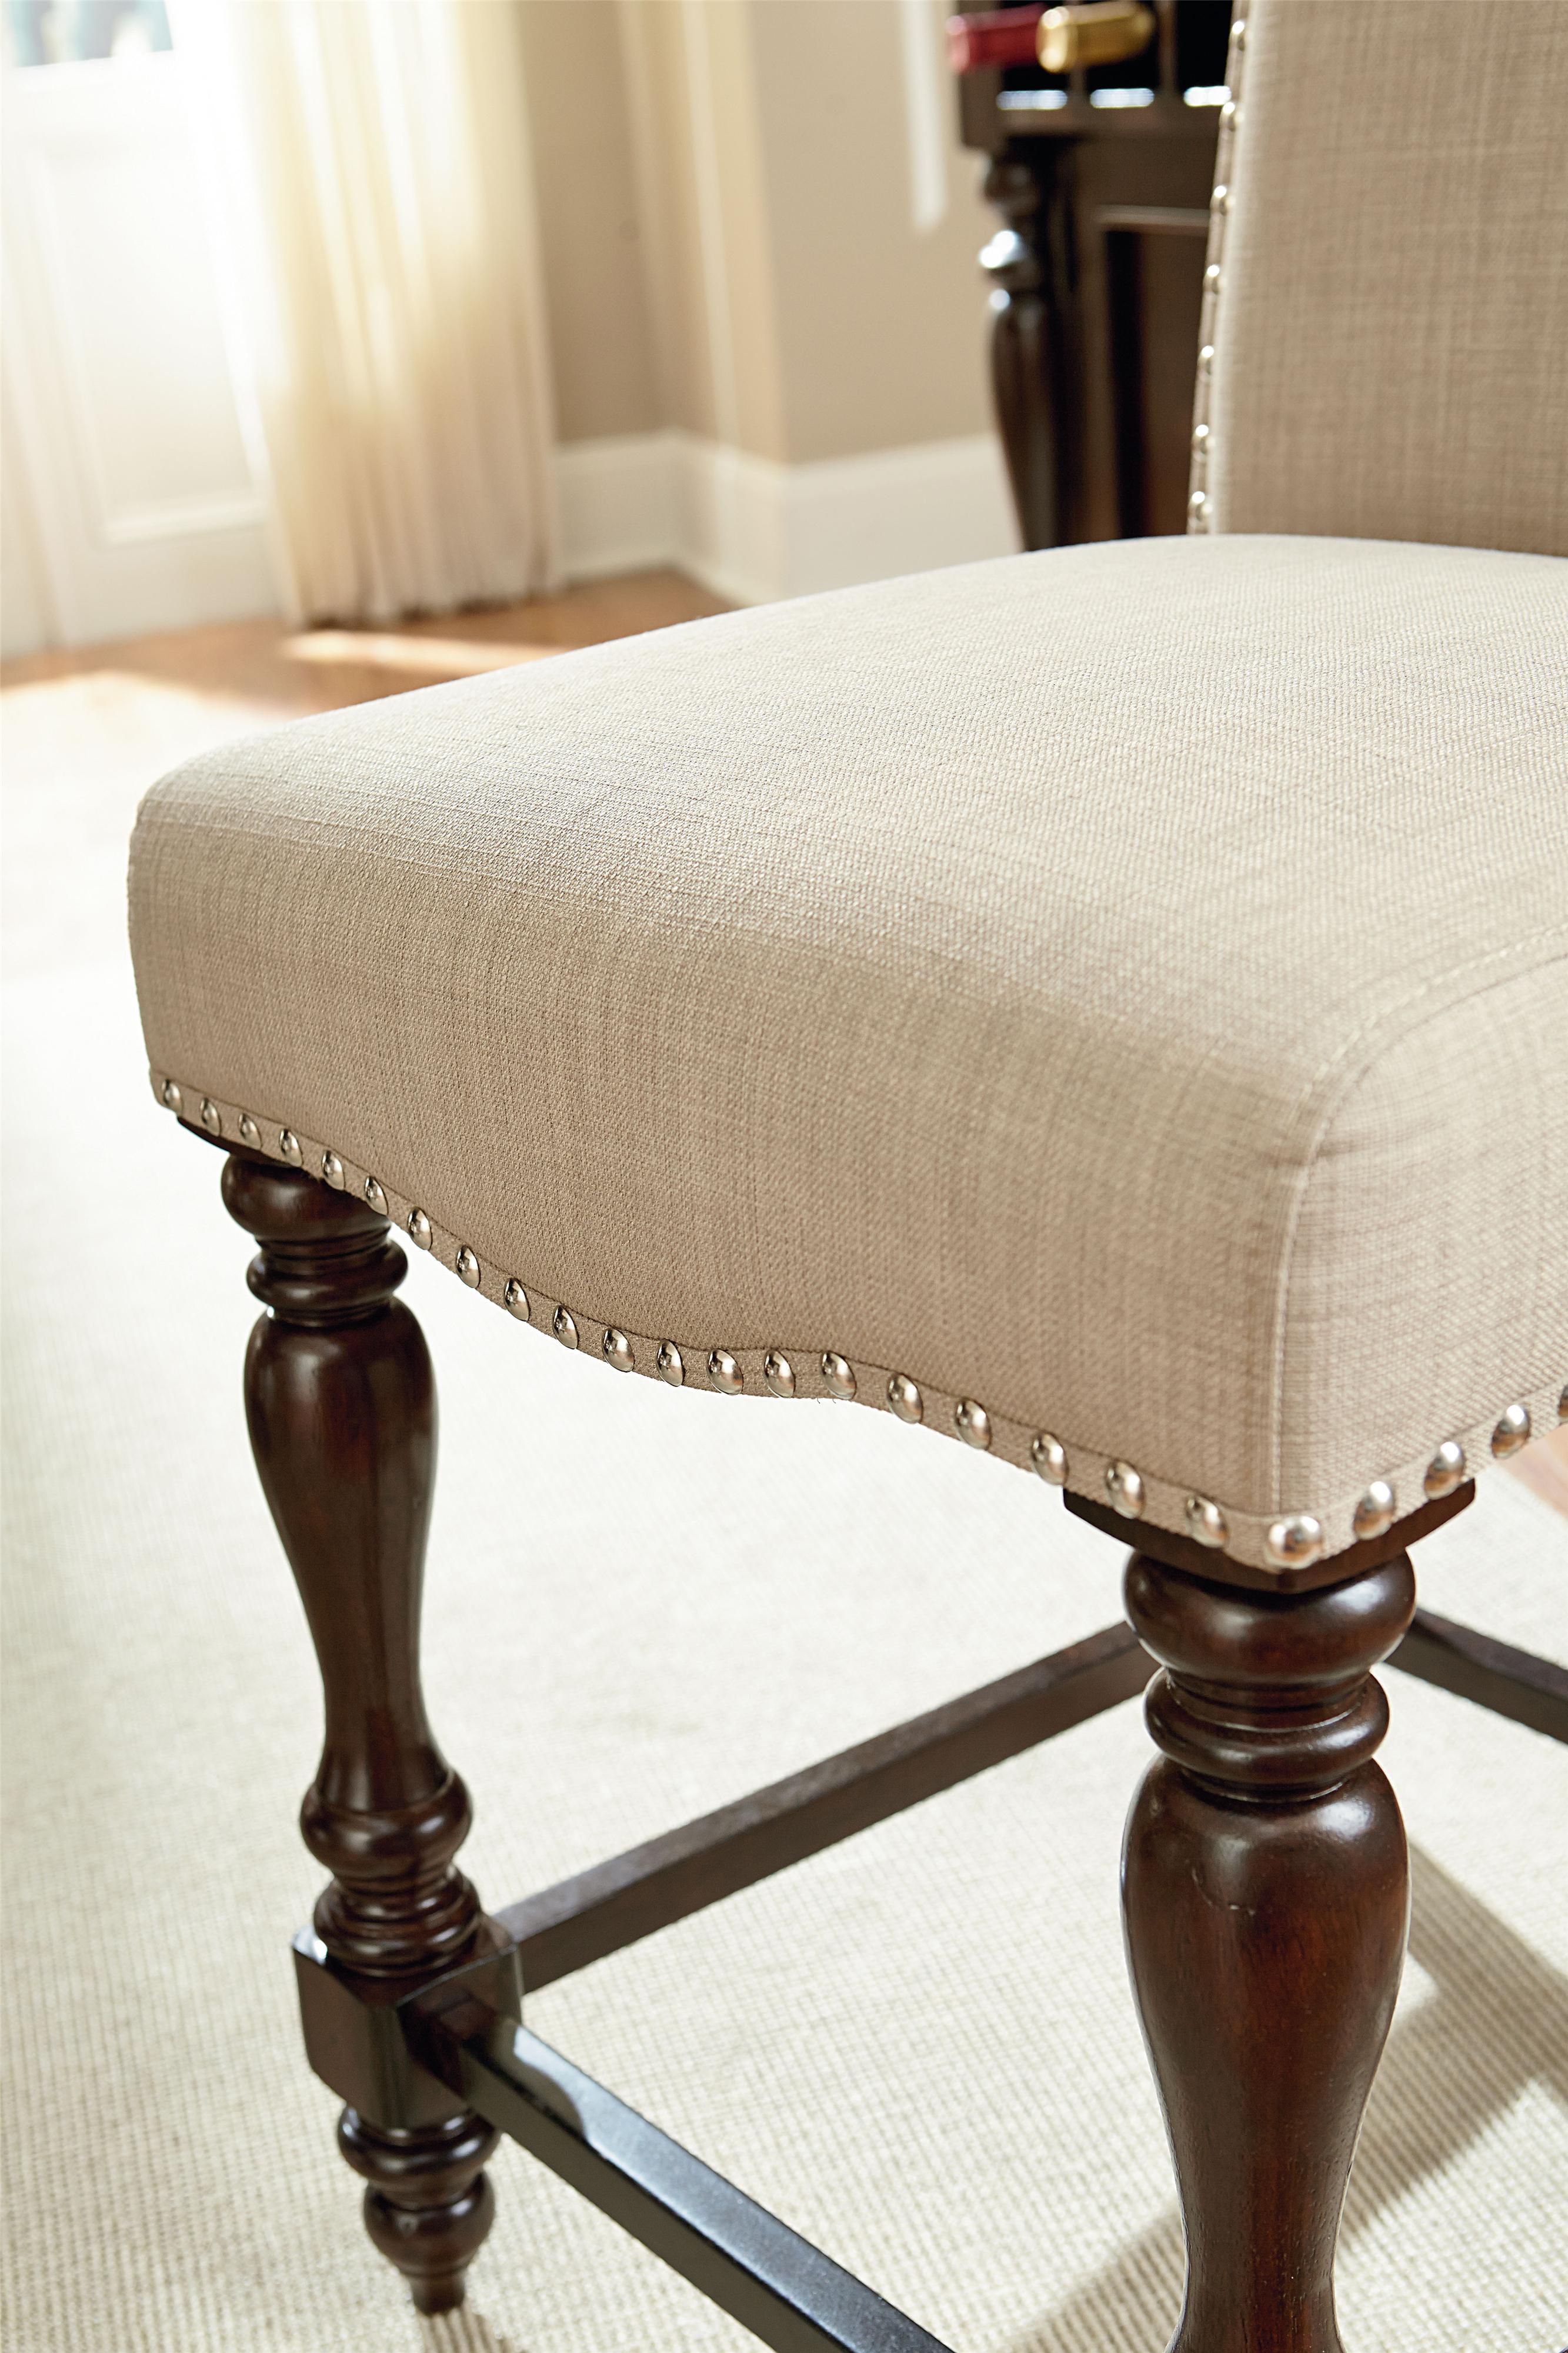 standard furniture mcgregor 17737 upholstered counter height stool del sol furniture bar stools. Black Bedroom Furniture Sets. Home Design Ideas